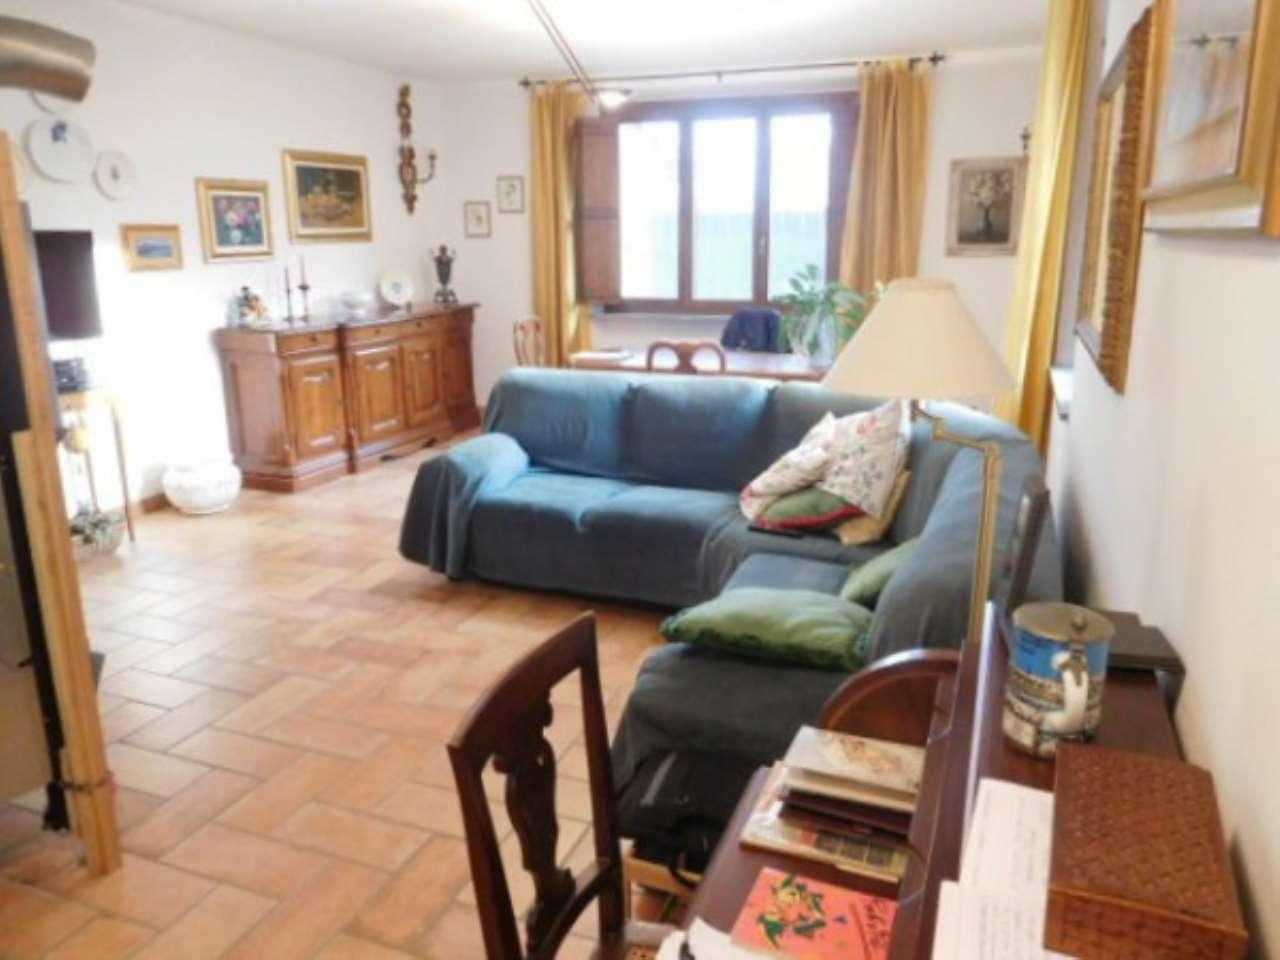 Villa in vendita a Marcignago, 3 locali, prezzo € 350.000 | CambioCasa.it